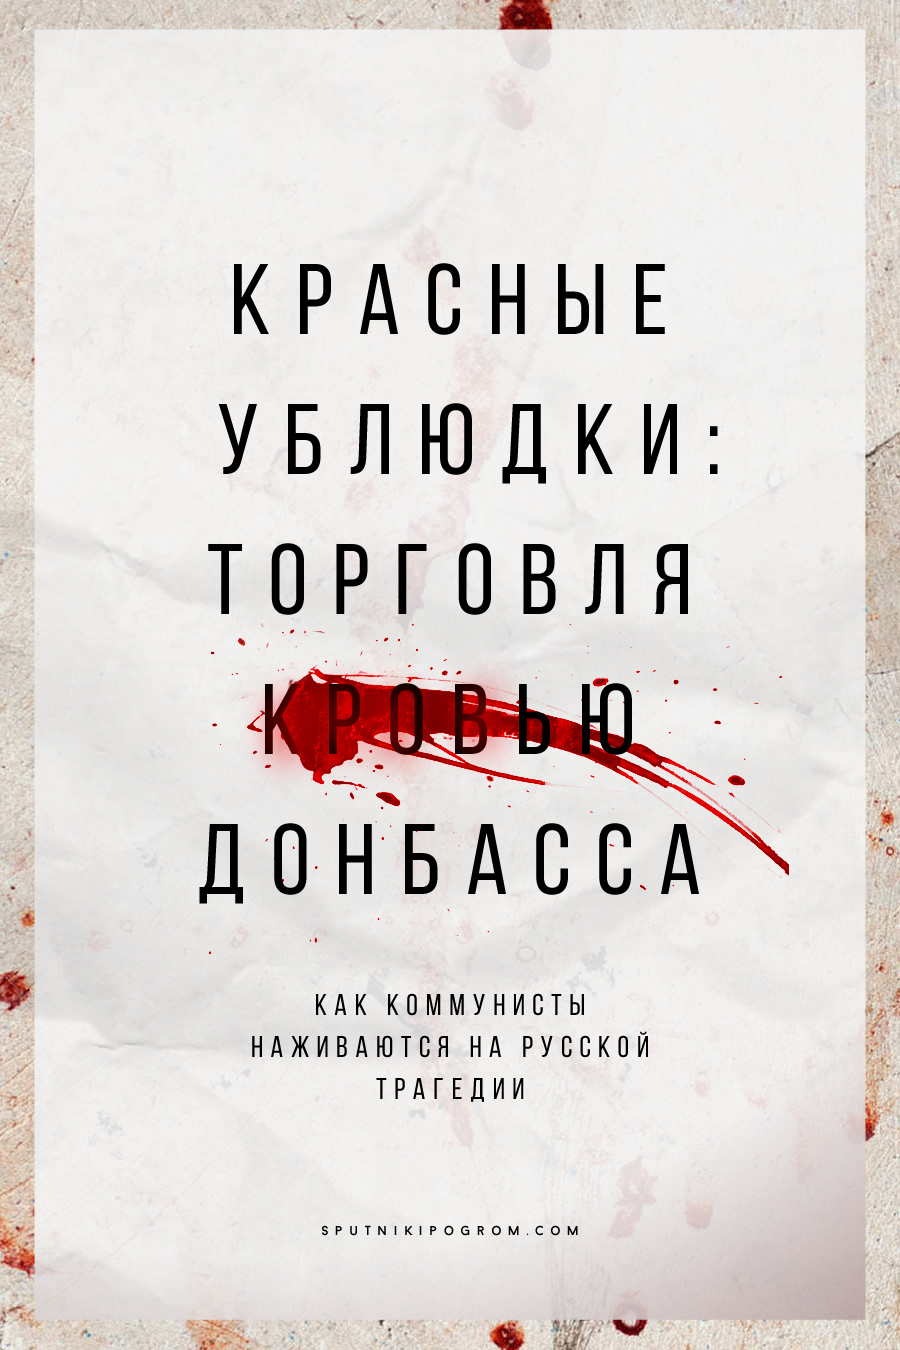 Красная пидорасня считает: помощь в борьбе с  украинскими оккупантами заключается не в том,чтобы собрать добровольческий отряд и  прорваться в ДНР, а в том ,чтобы закрыть единственный в стране музей ГУЛАГа.На заметку В.П. Мелихову.